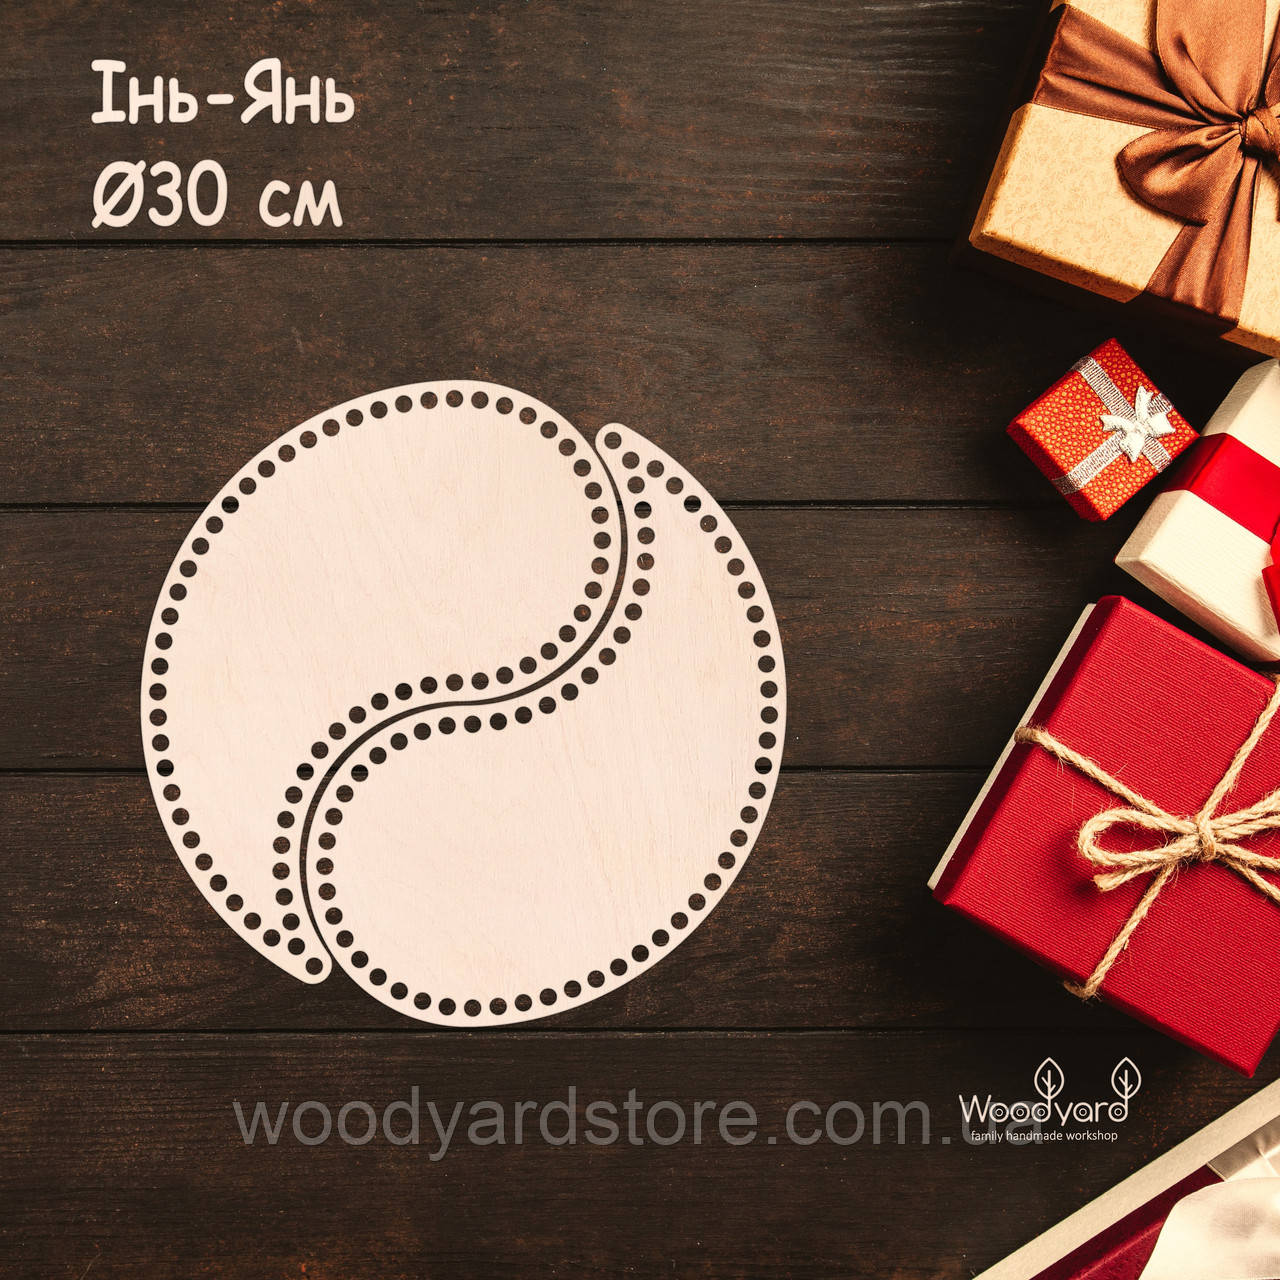 """Деревянное донышко для вязания корзин, сумок, люлек в форме """"Инь-Янь"""". Донышко """"Инь-Янь"""". Размер: 30x30 см."""